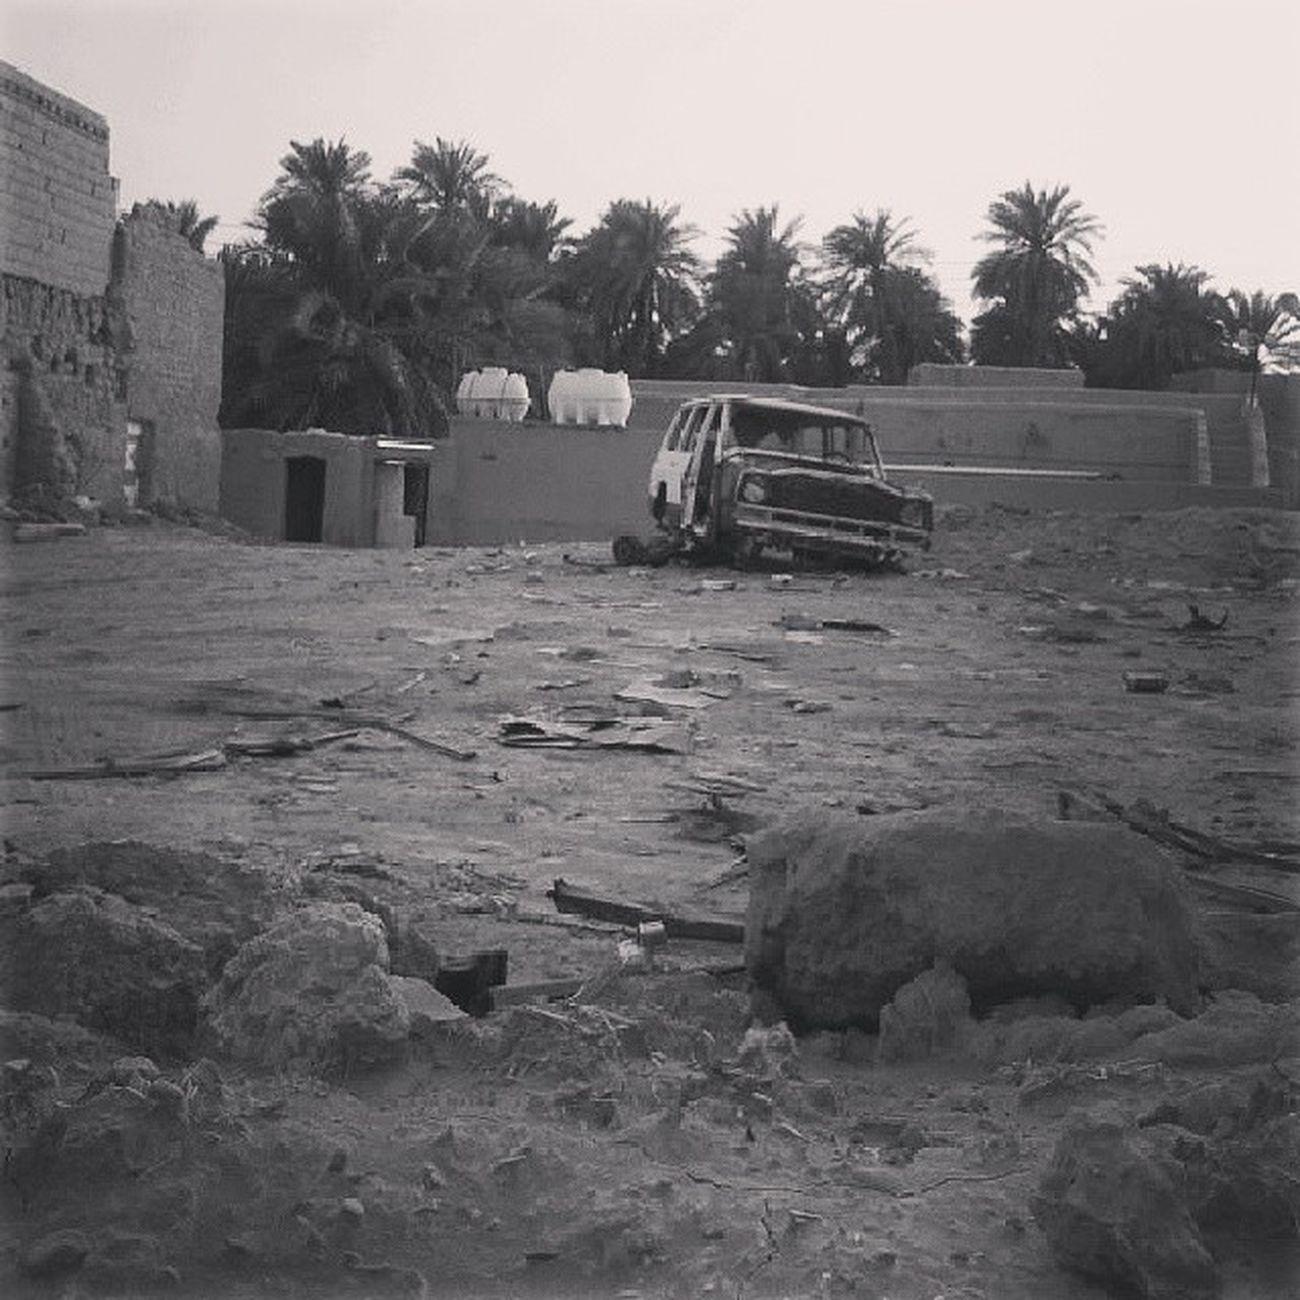 تصويري  القلعه الناس الجمال  العيدحوطة_بني_تميمالجنوبسيارهشجر